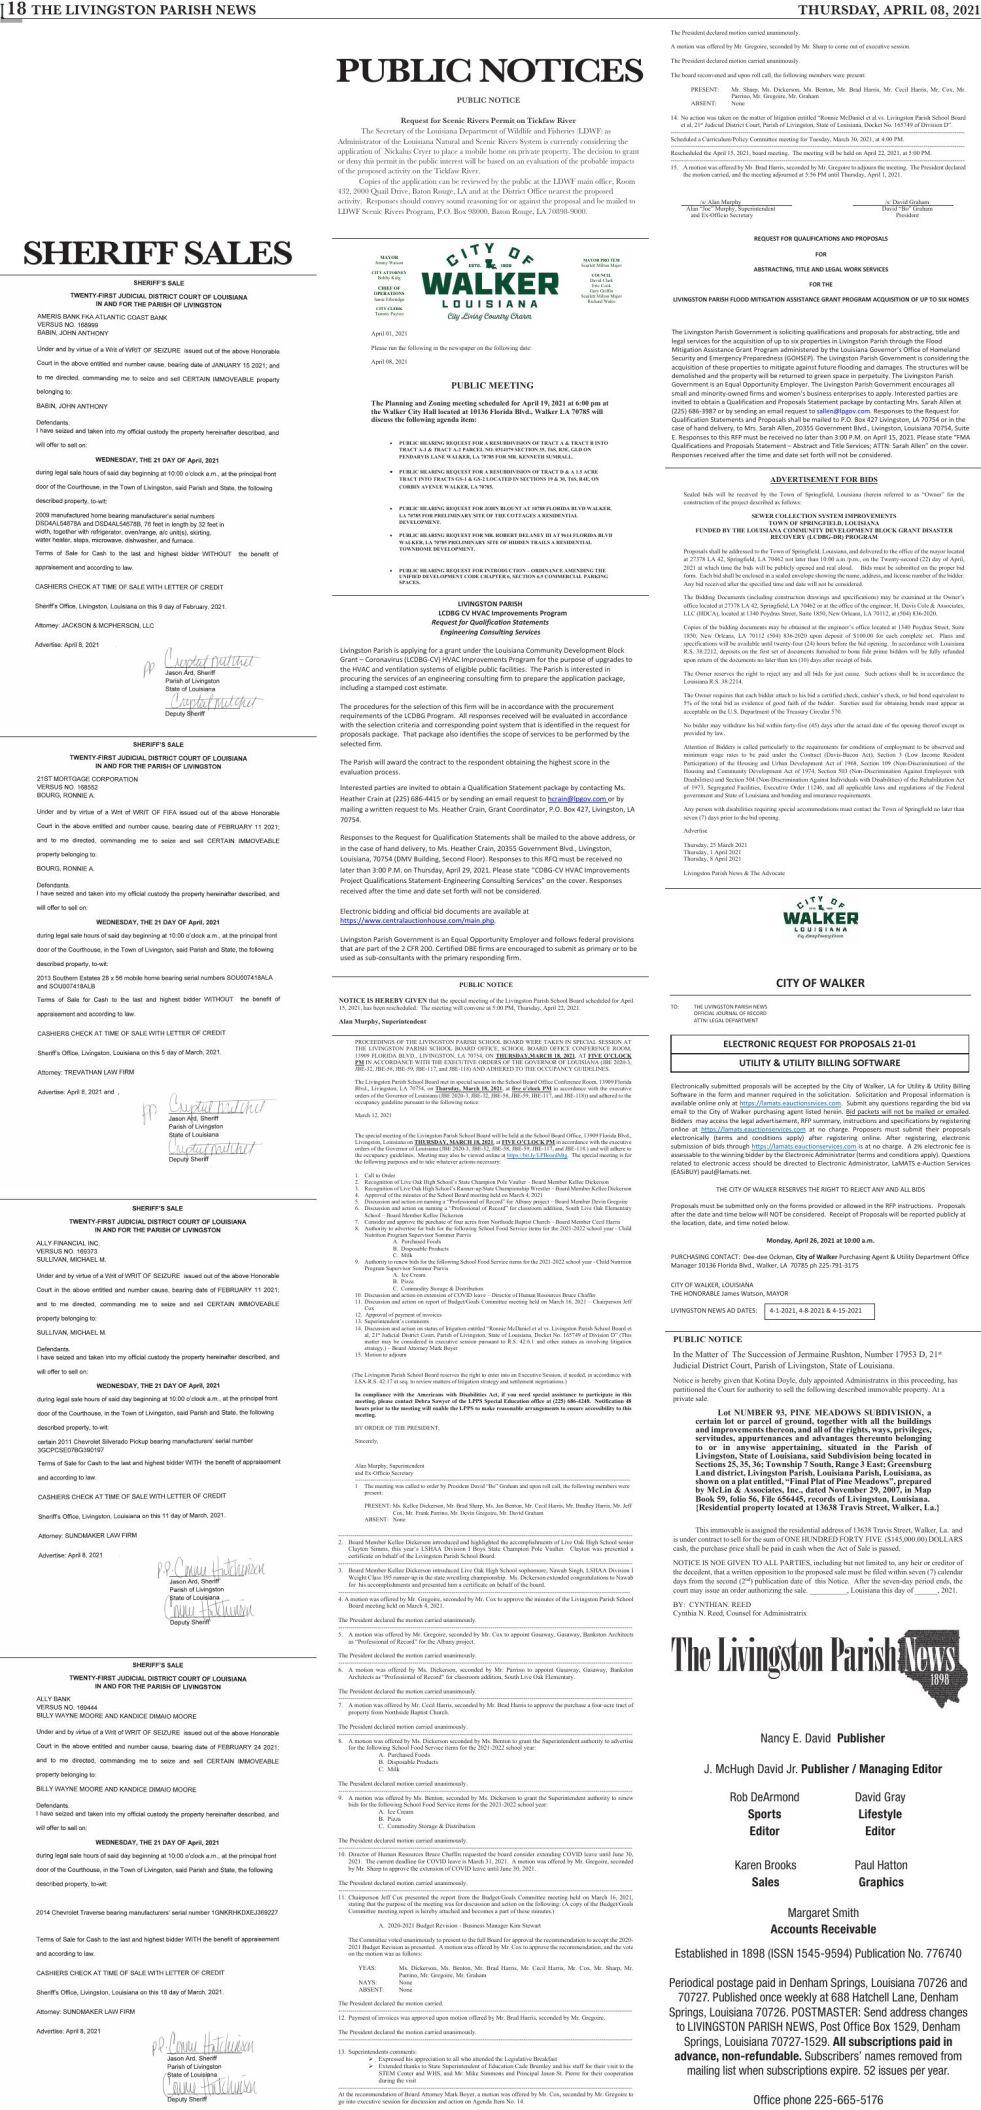 Public Notices published Thursday, April 08, 2021